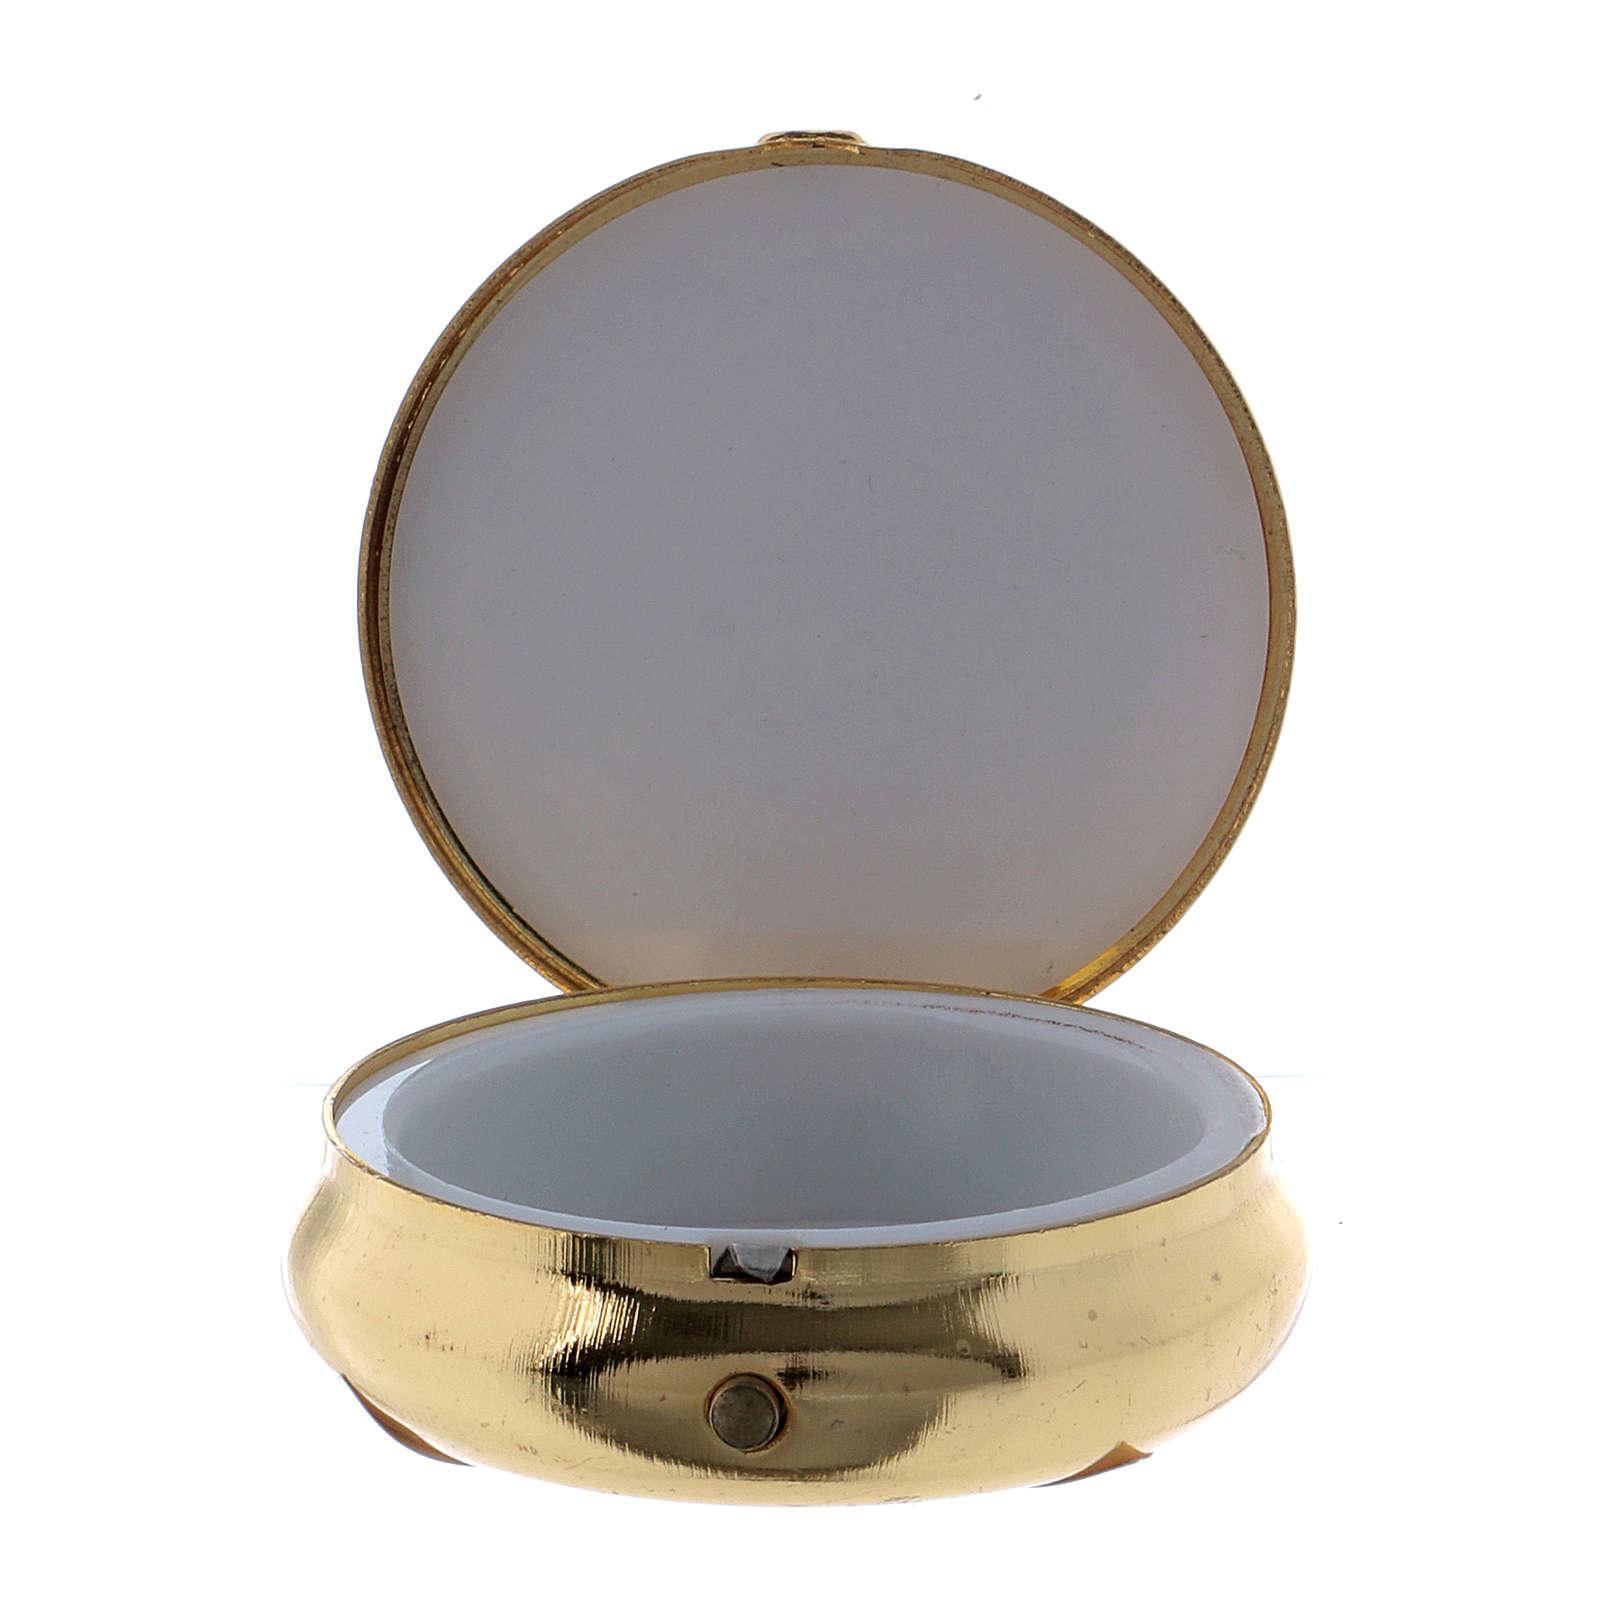 Cyborium Gołębica płytka aluminium metal 5 cm 3